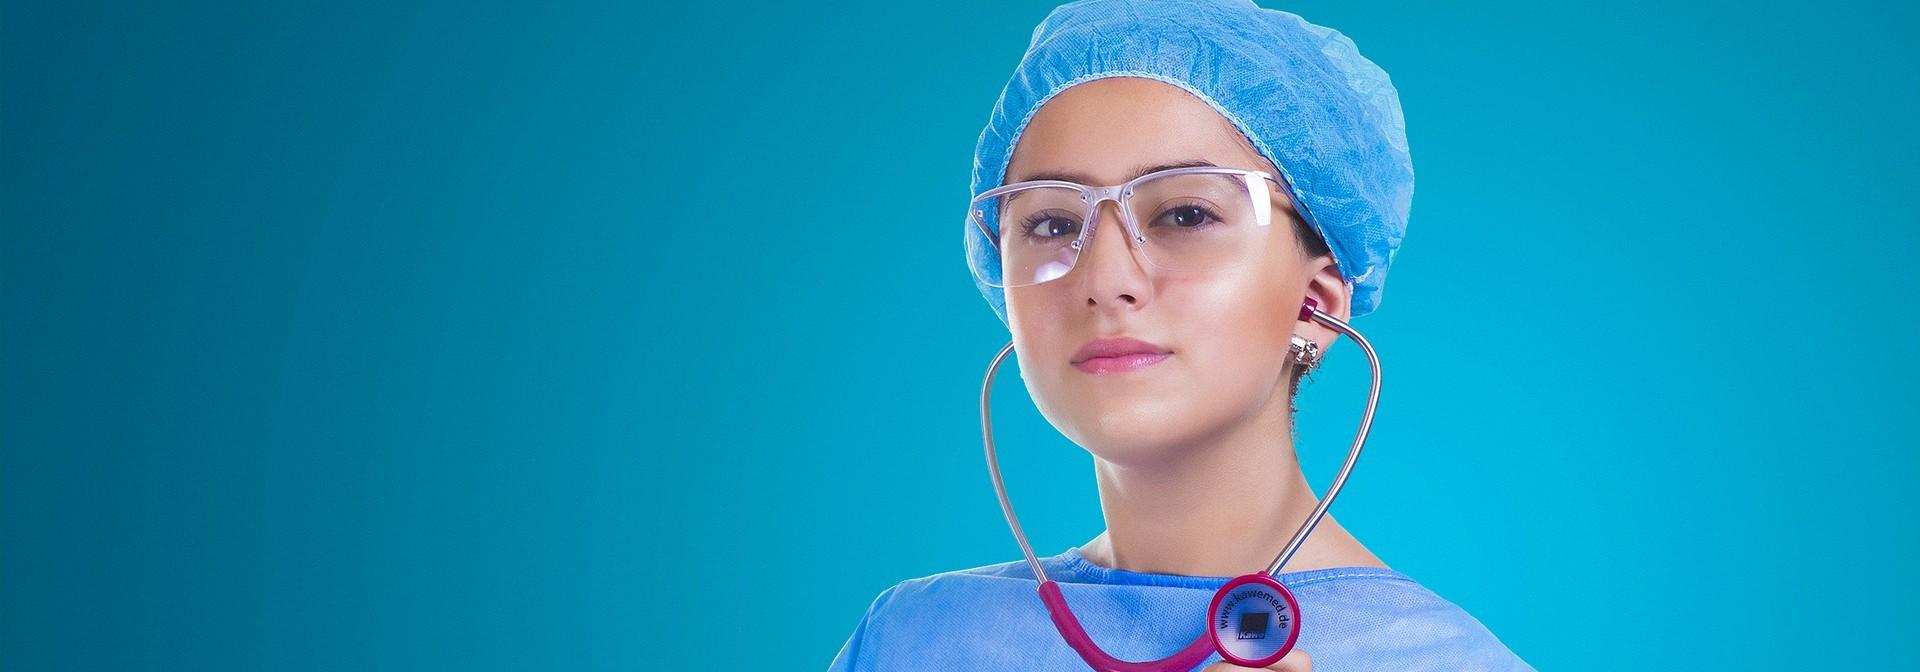 nurse-2141808_1920-1920x672.jpg